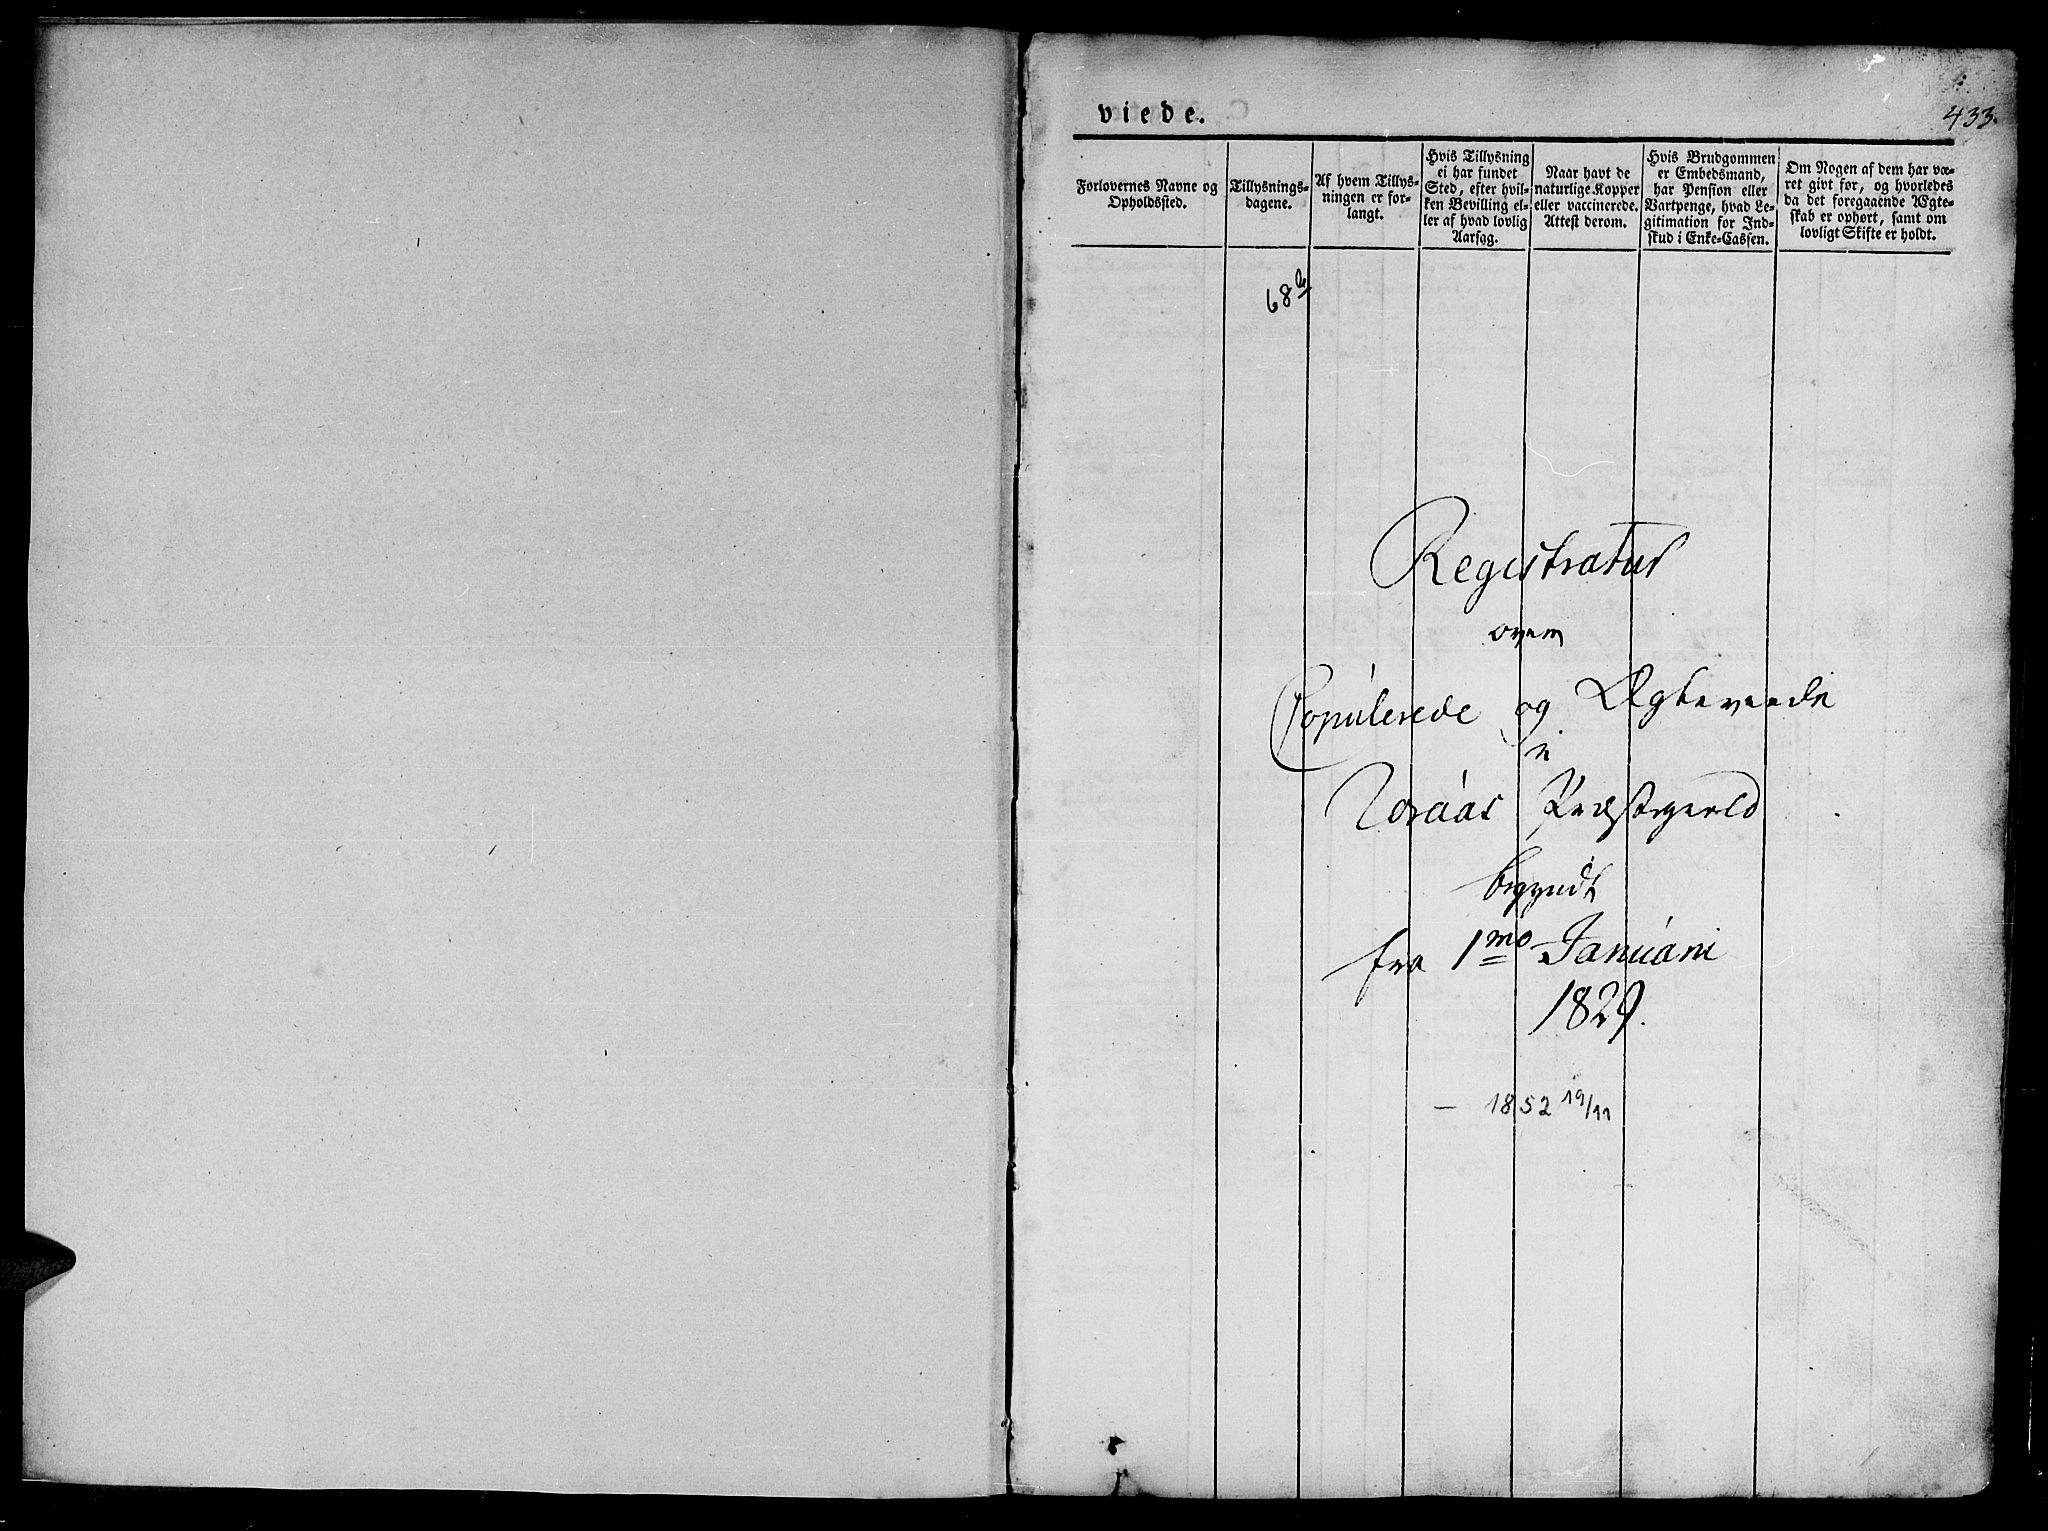 SAT, Ministerialprotokoller, klokkerbøker og fødselsregistre - Sør-Trøndelag, 681/L0939: Klokkerbok nr. 681C03, 1829-1855, s. 433